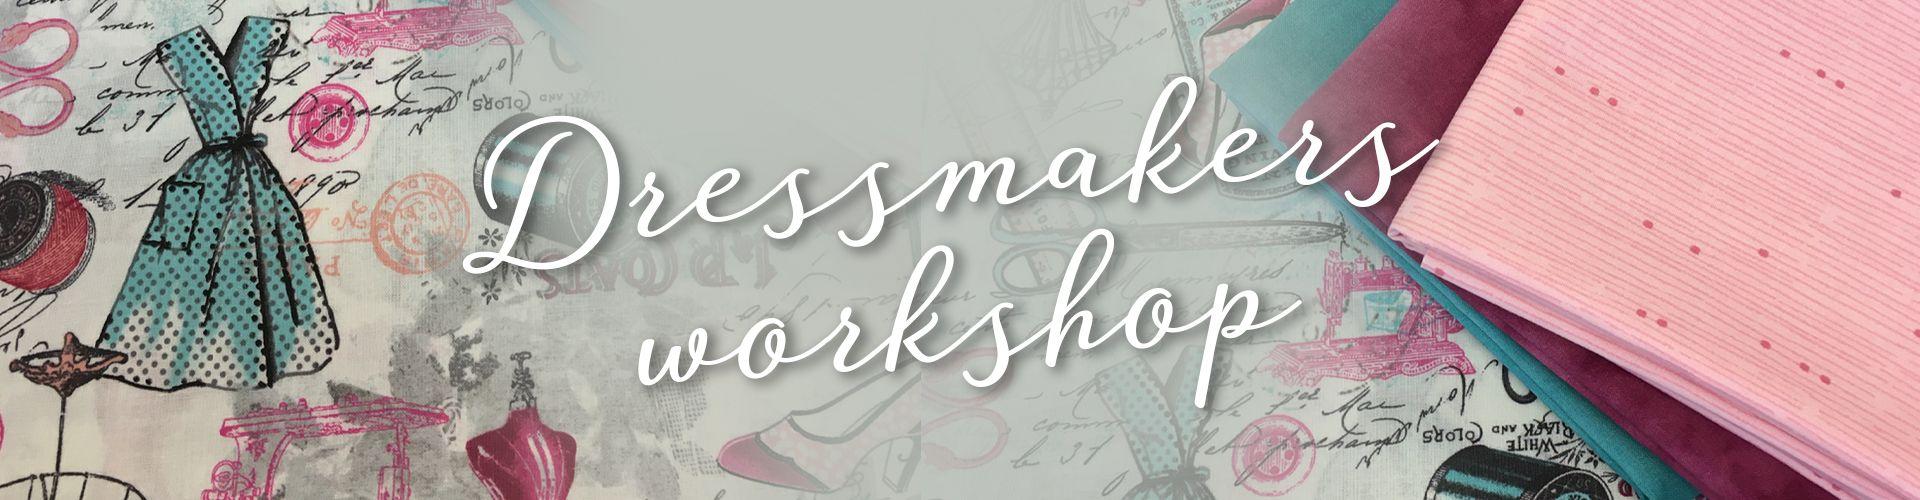 quiltestæsj-1920x500-Dressmakers workshop